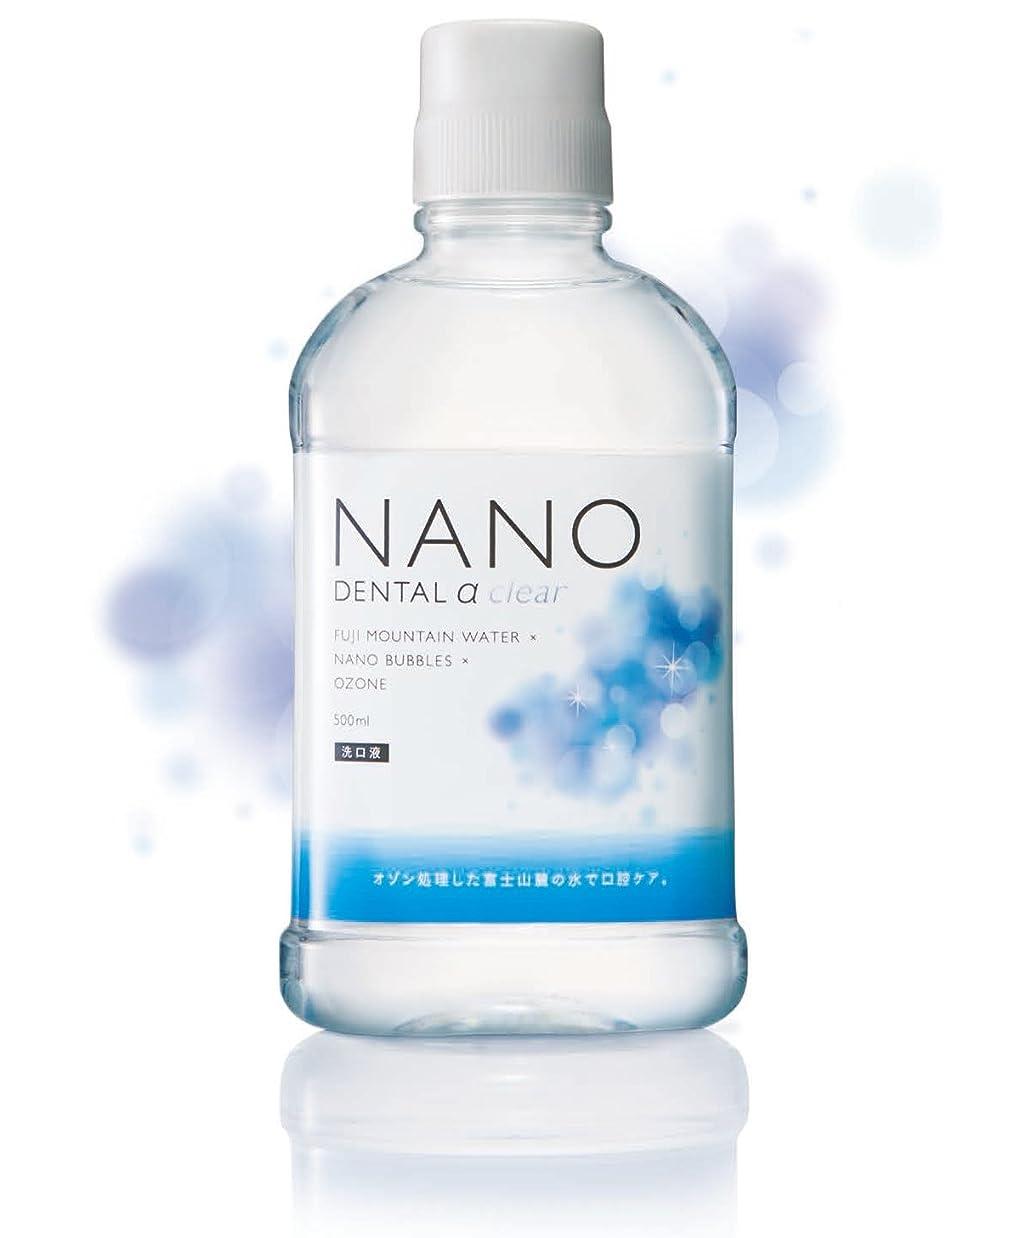 ステレオタイプ推進、動かす桃無添加! ナノデンタルアルファ クリア NANODENTALα Clear 500mL オゾンナノバブルで歯周病?口臭予防